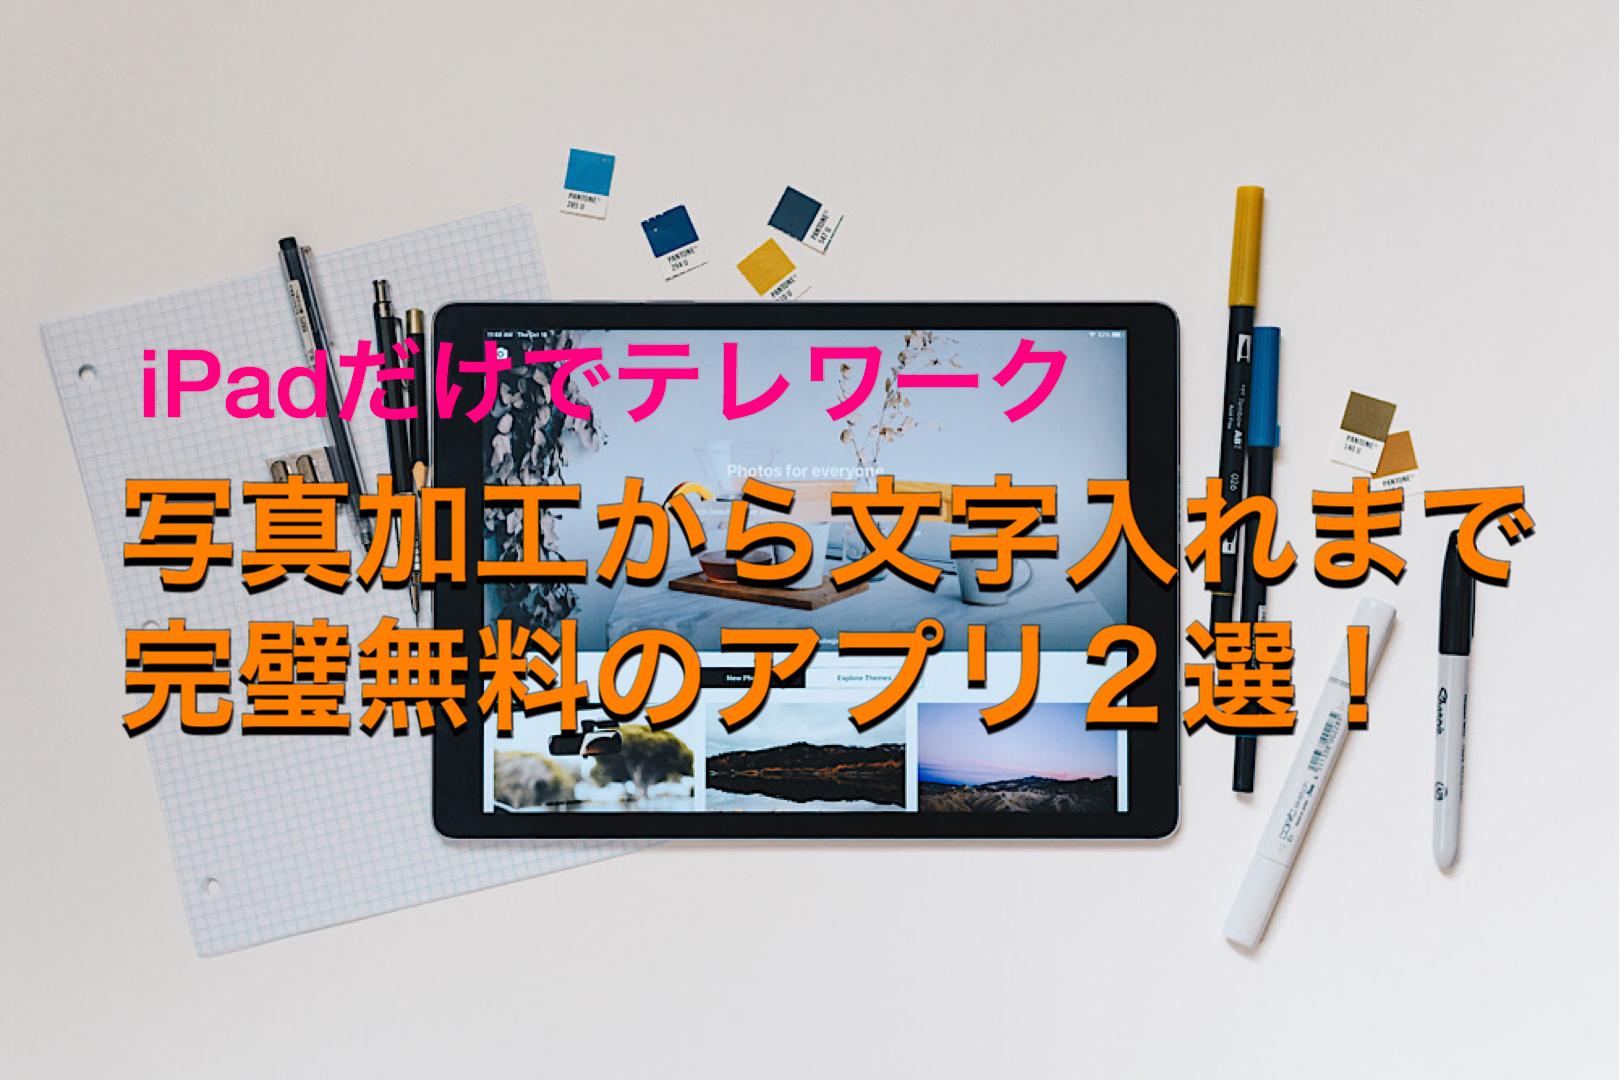 画像加工 文字入れまで無料でできるiPadアプリ2選